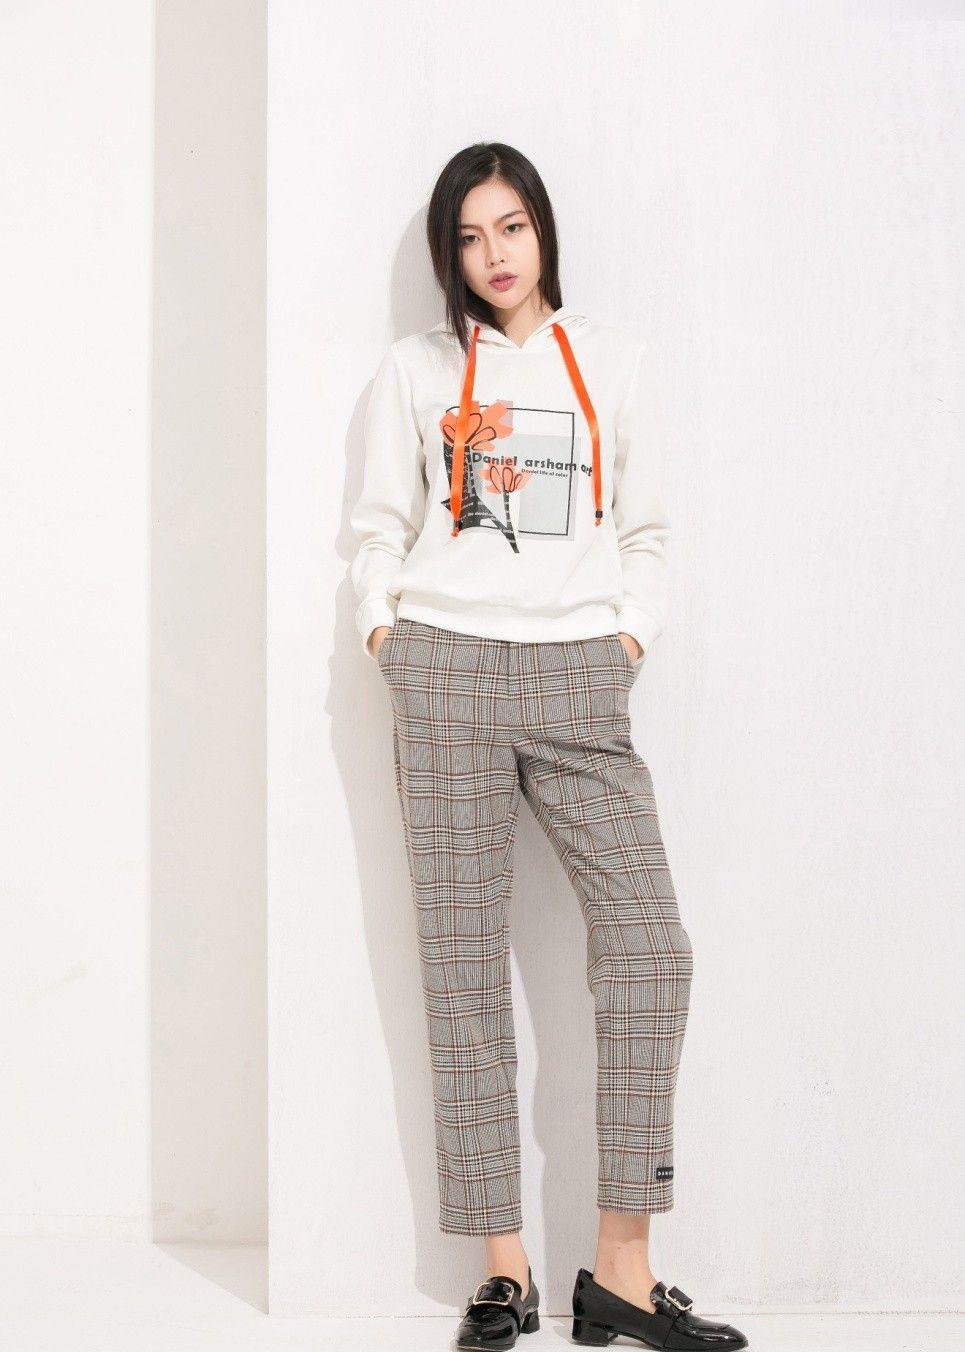 街拍:图4牛仔短裤搭配个性的上衣,看起来也更有日韩潮流风格了